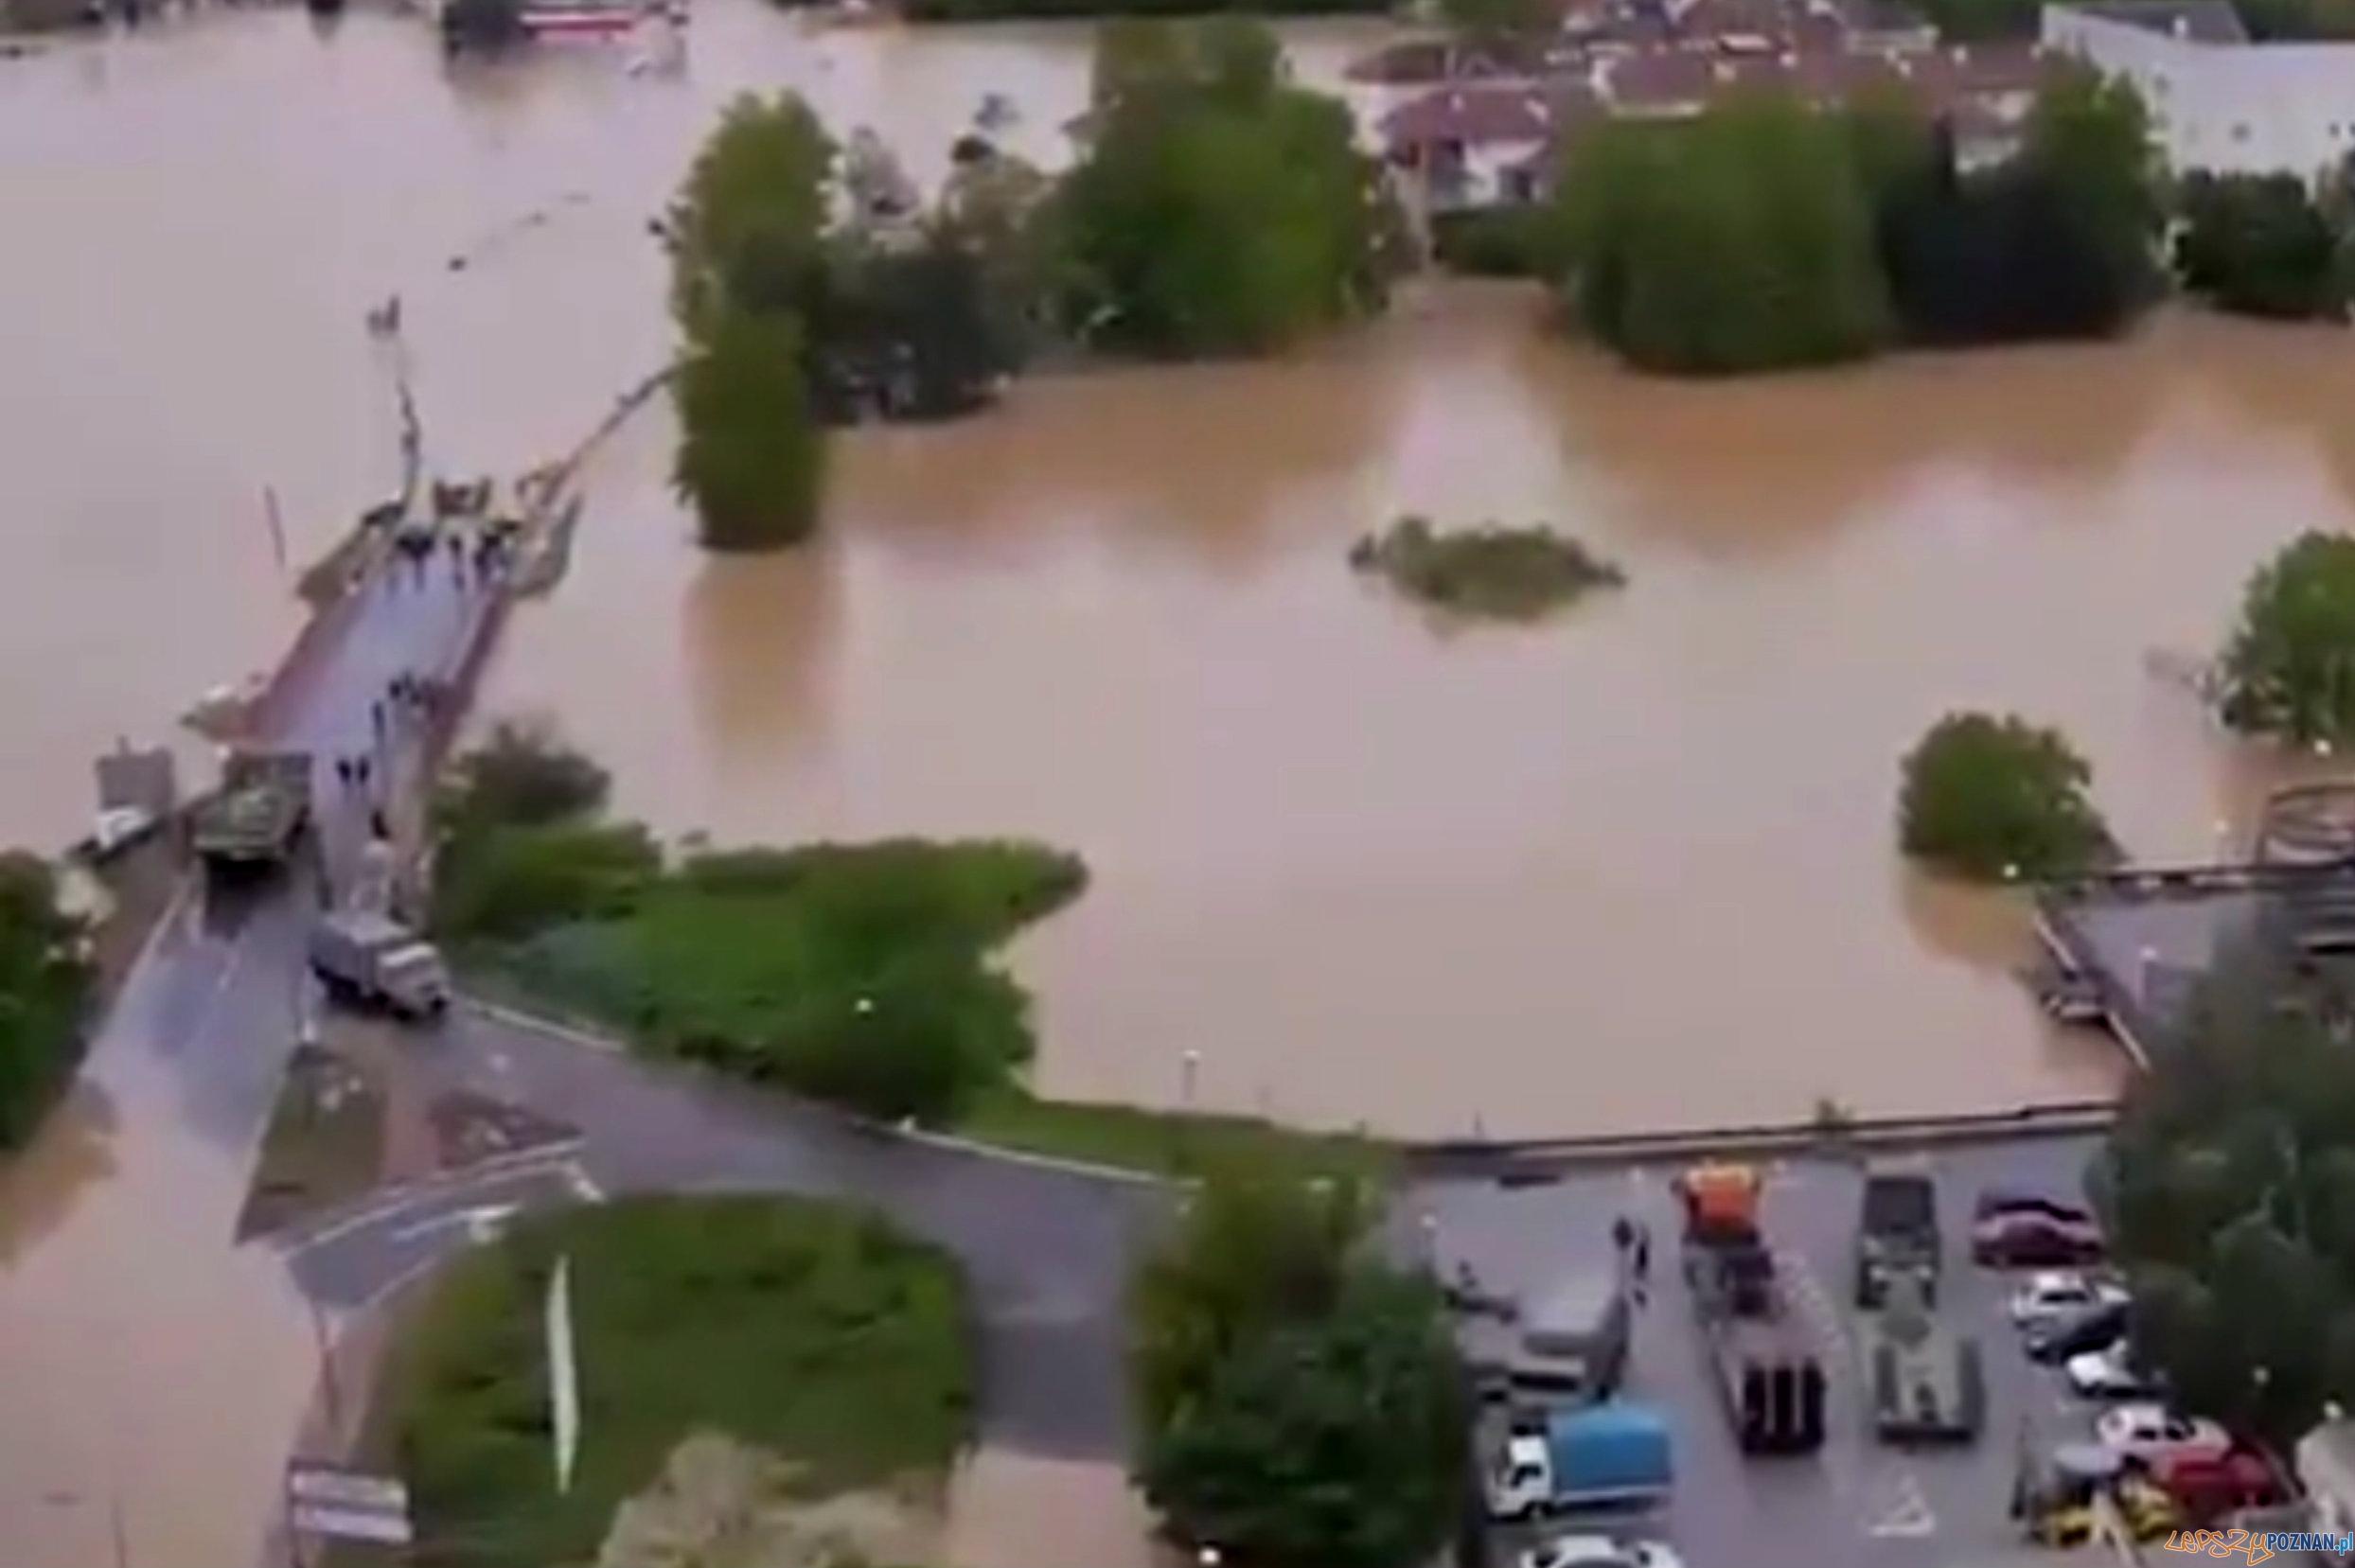 Kolejorz na ratunek Serbii i Bośni  Foto: Kolejorz na ratunek Serbii i Bośni